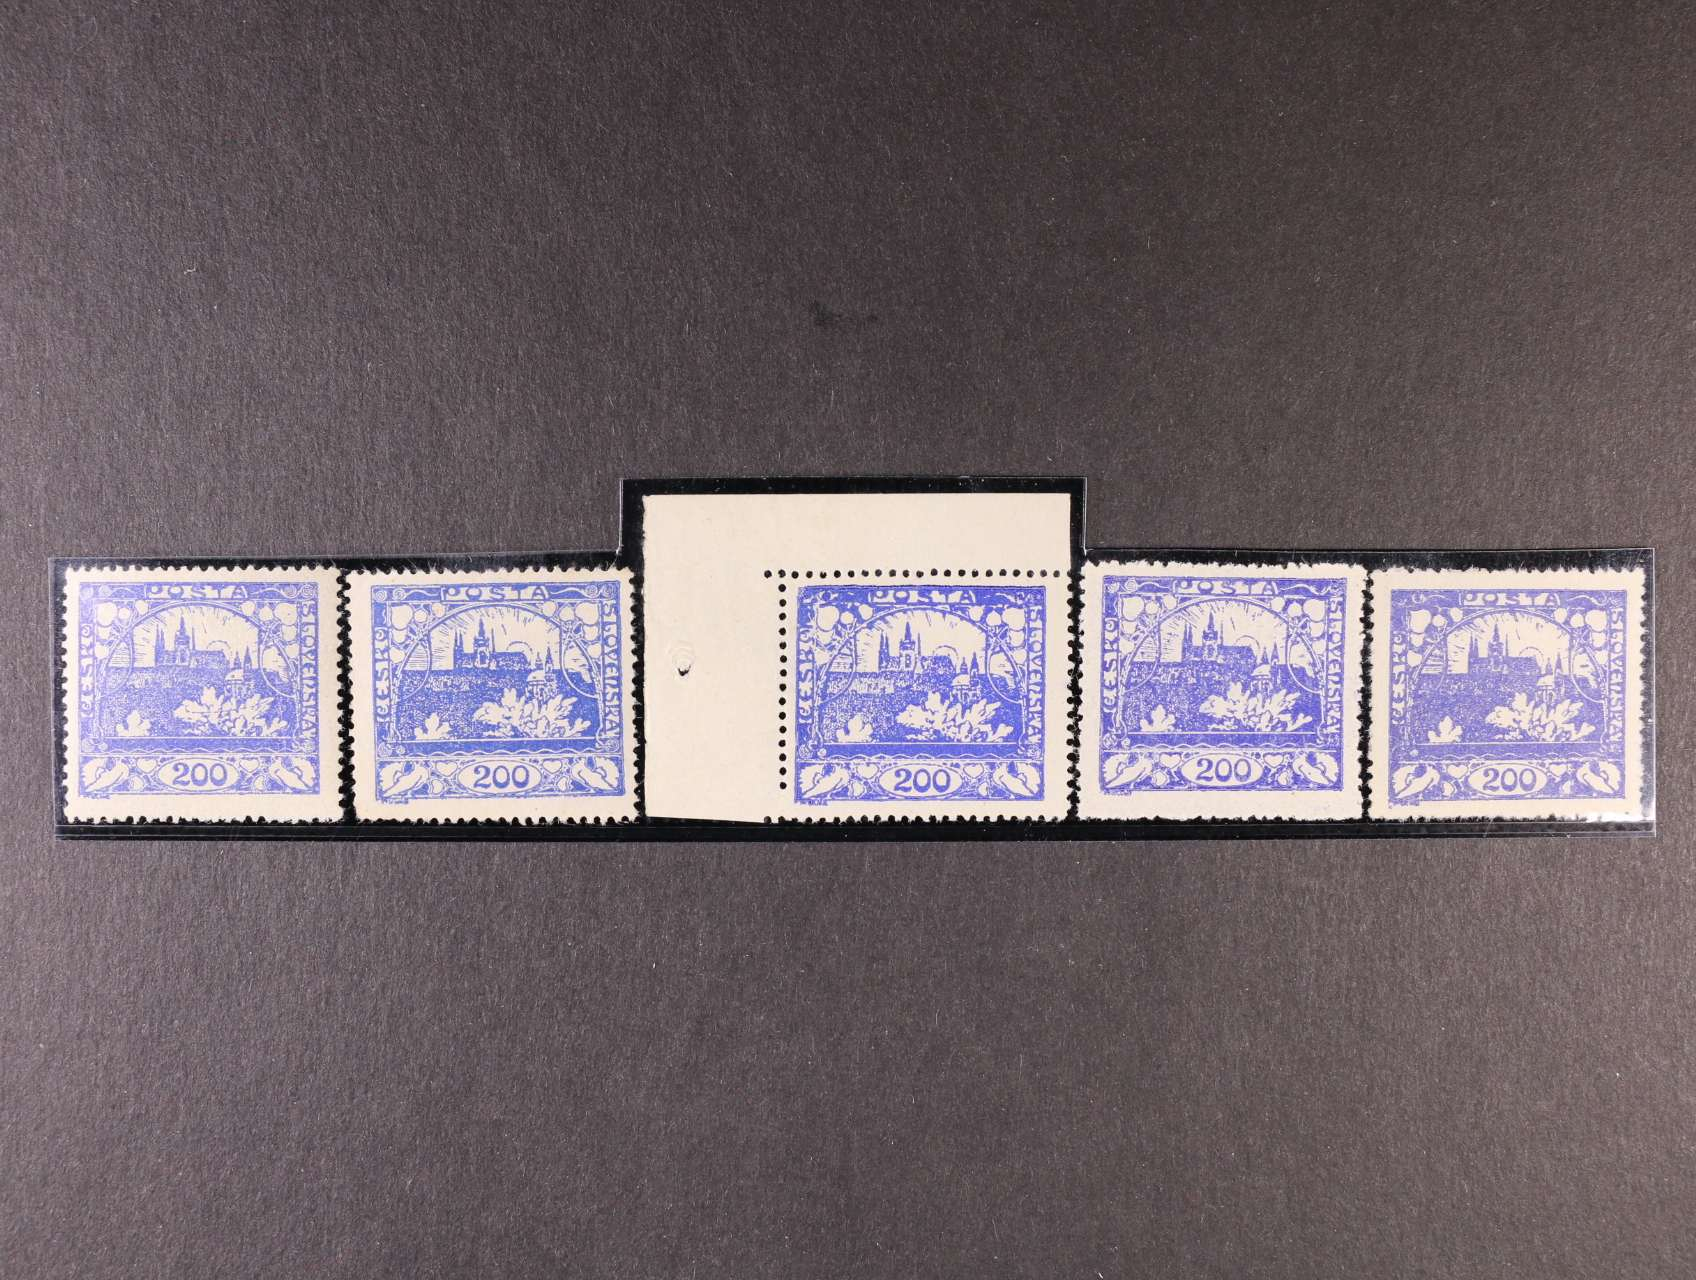 zn. č. 22 A - sestava 5 ks v různých odstínech barvy od ultramarínové po modrofialovou, zajímavá sestava (1x rohový kus), kat. cena cca 2100 Kč